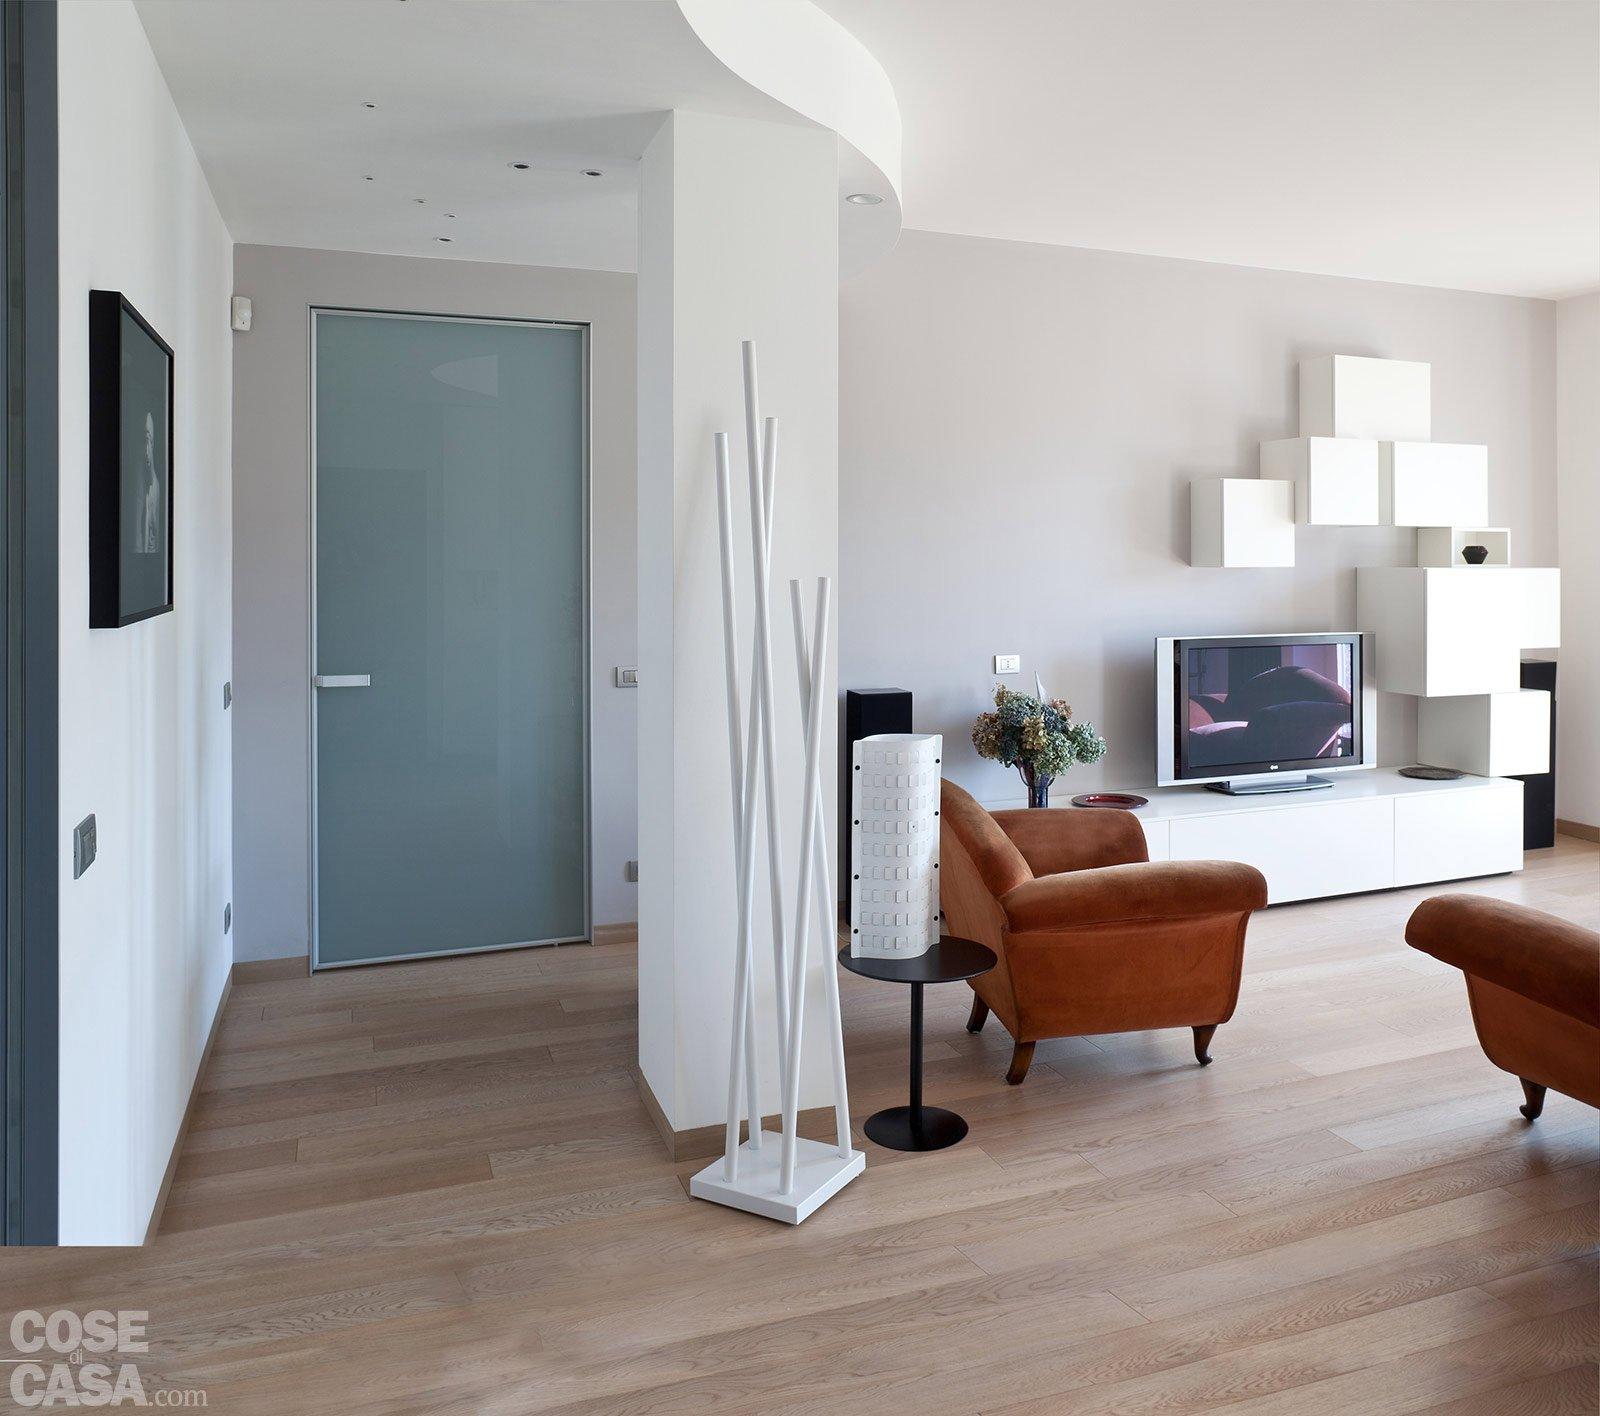 casa-pesaro-fiorentini-soggiorno-ingresso - Cose di Casa